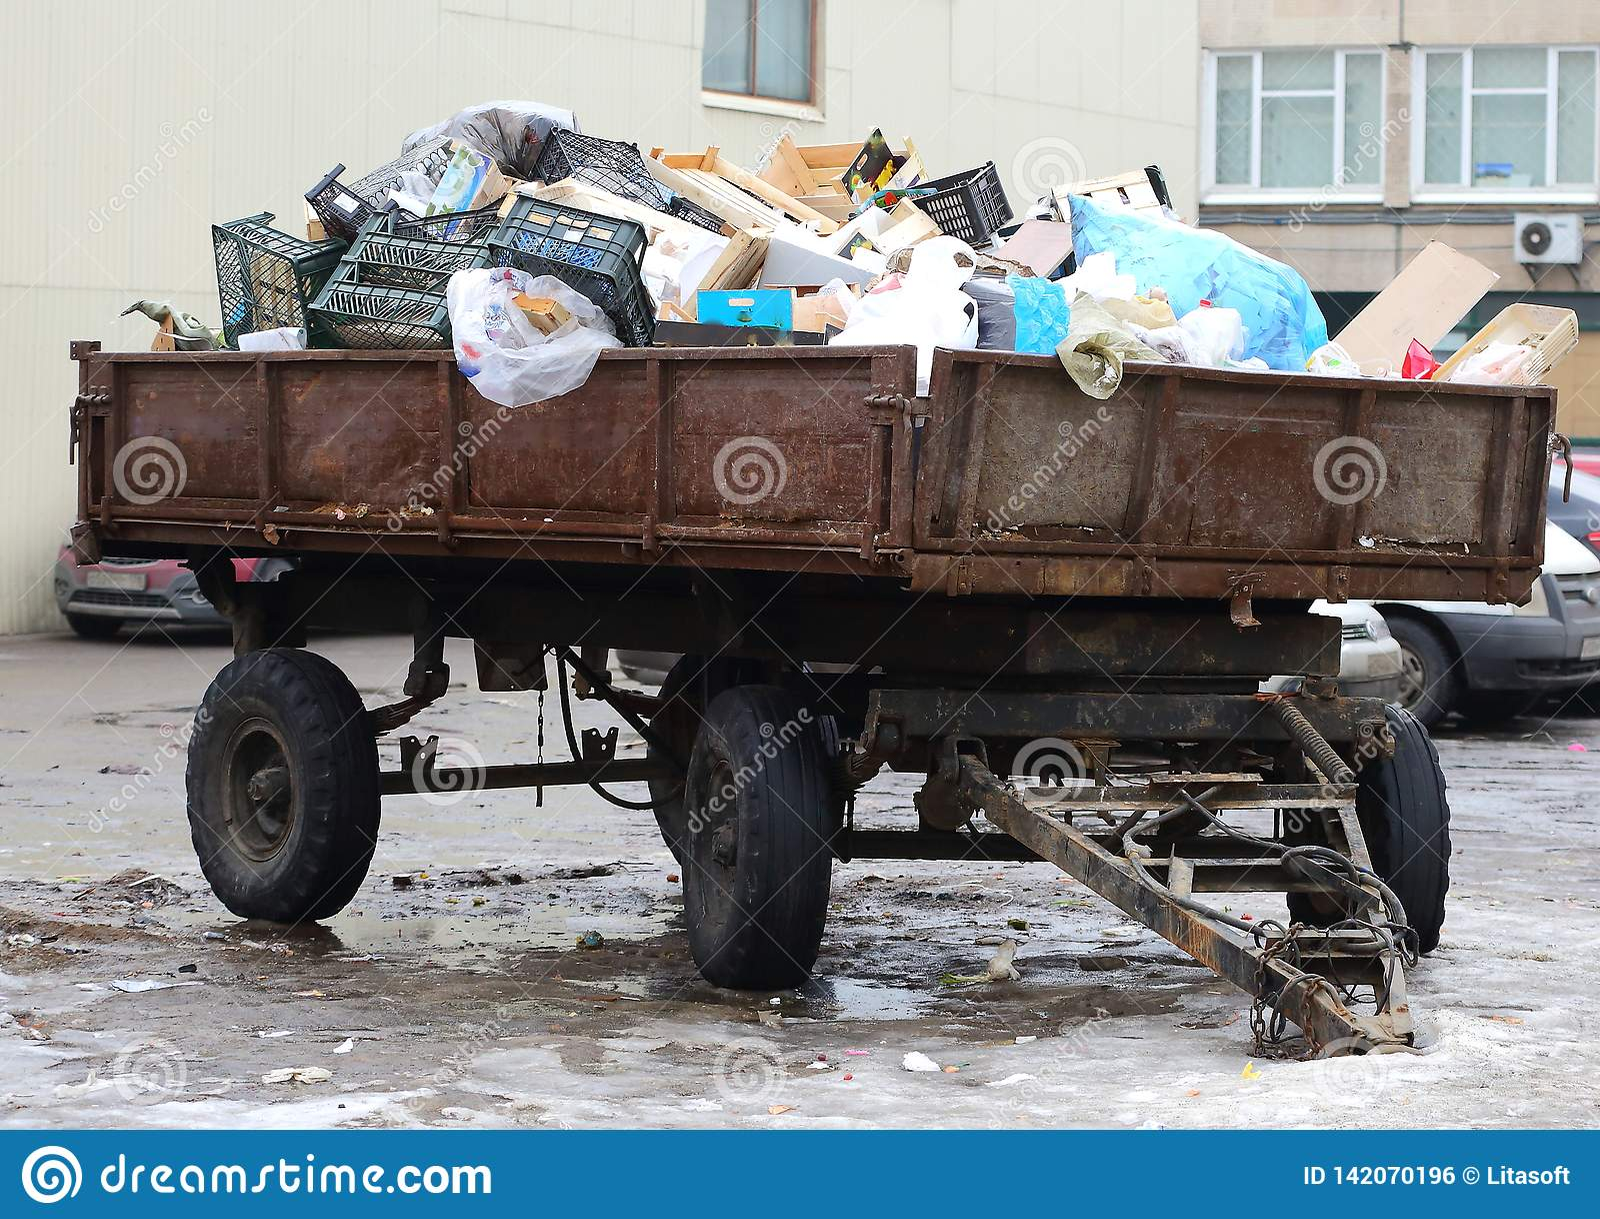 Tractor remolque cargado con basura del hogar